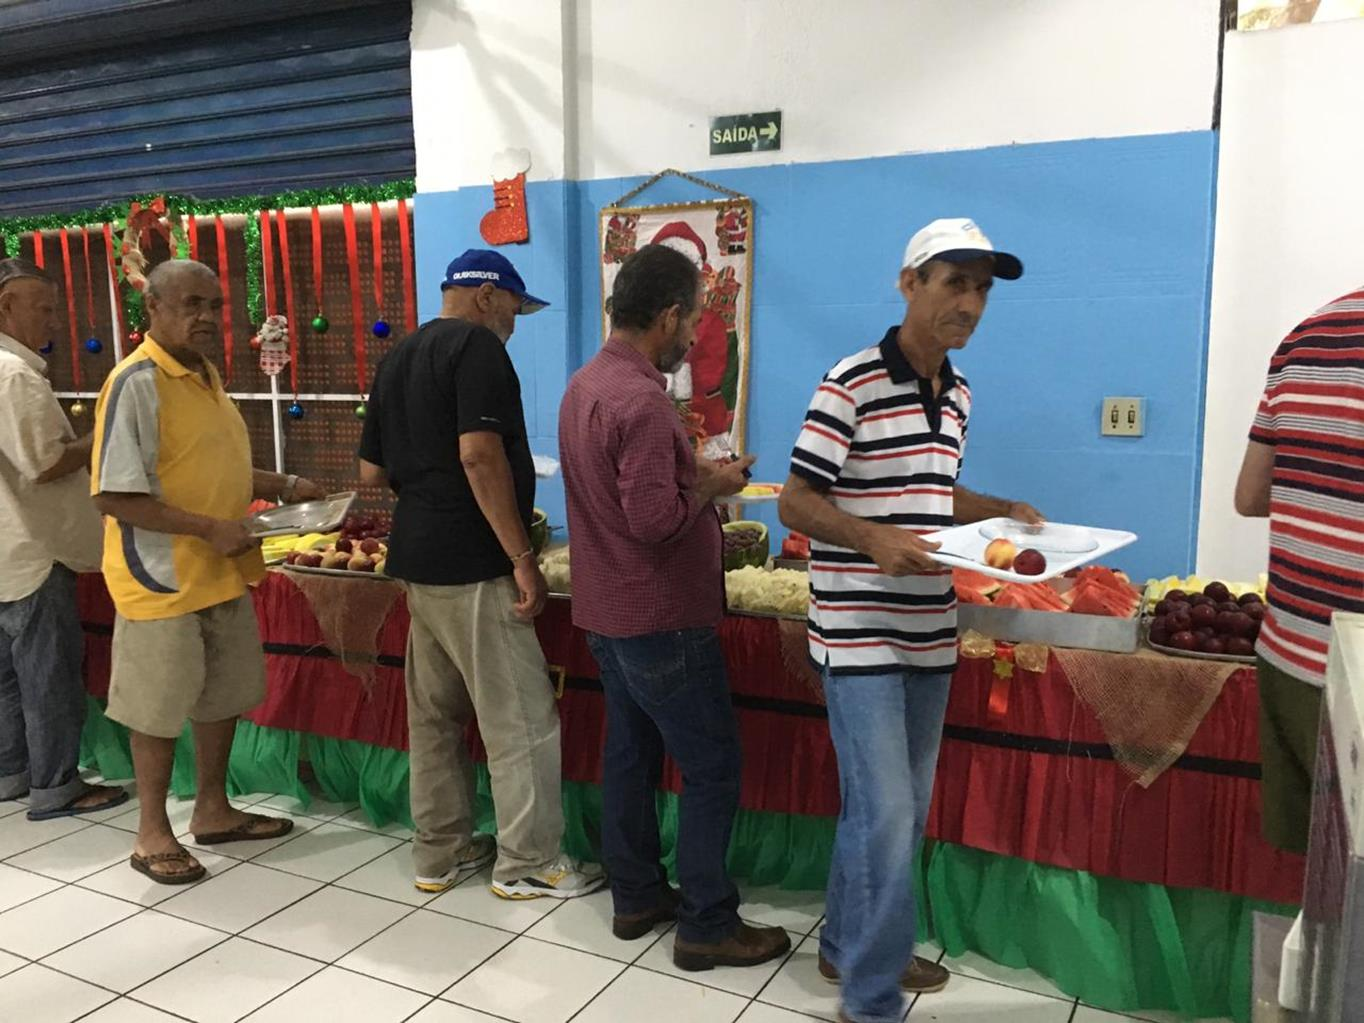 Ceia de Natal 02 (Copy)